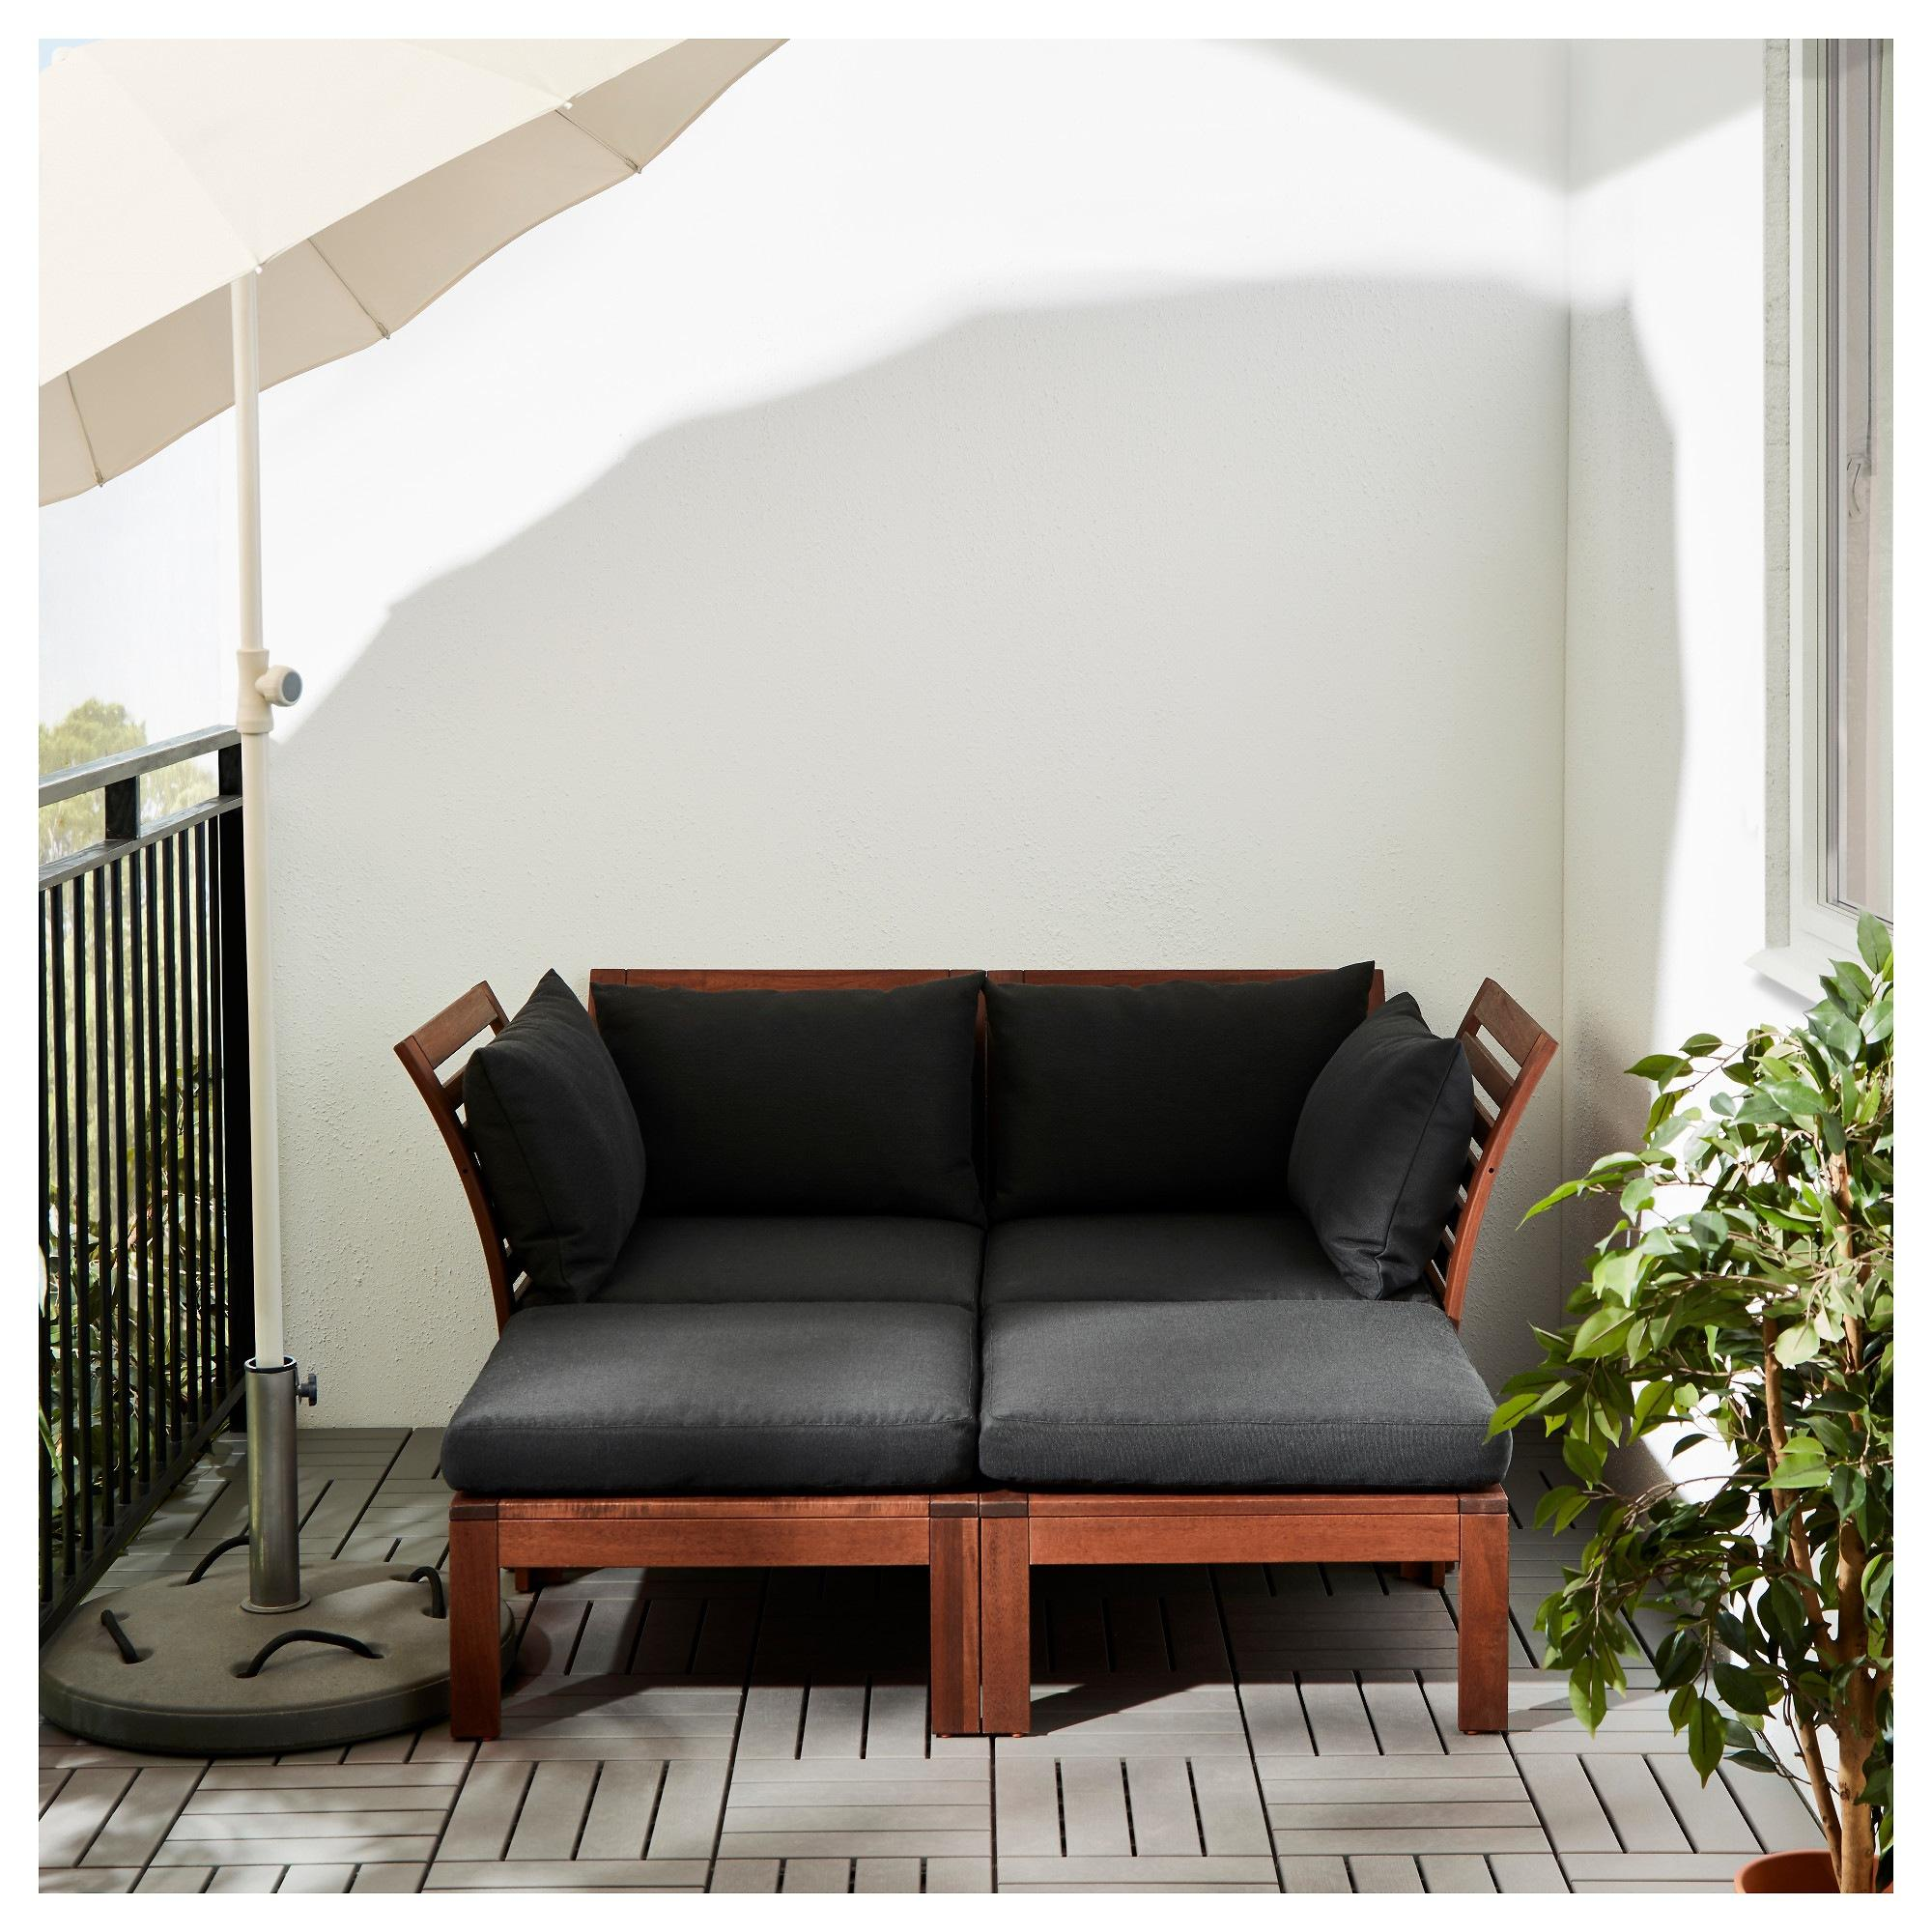 Садовая мебель для отдыха ІКА